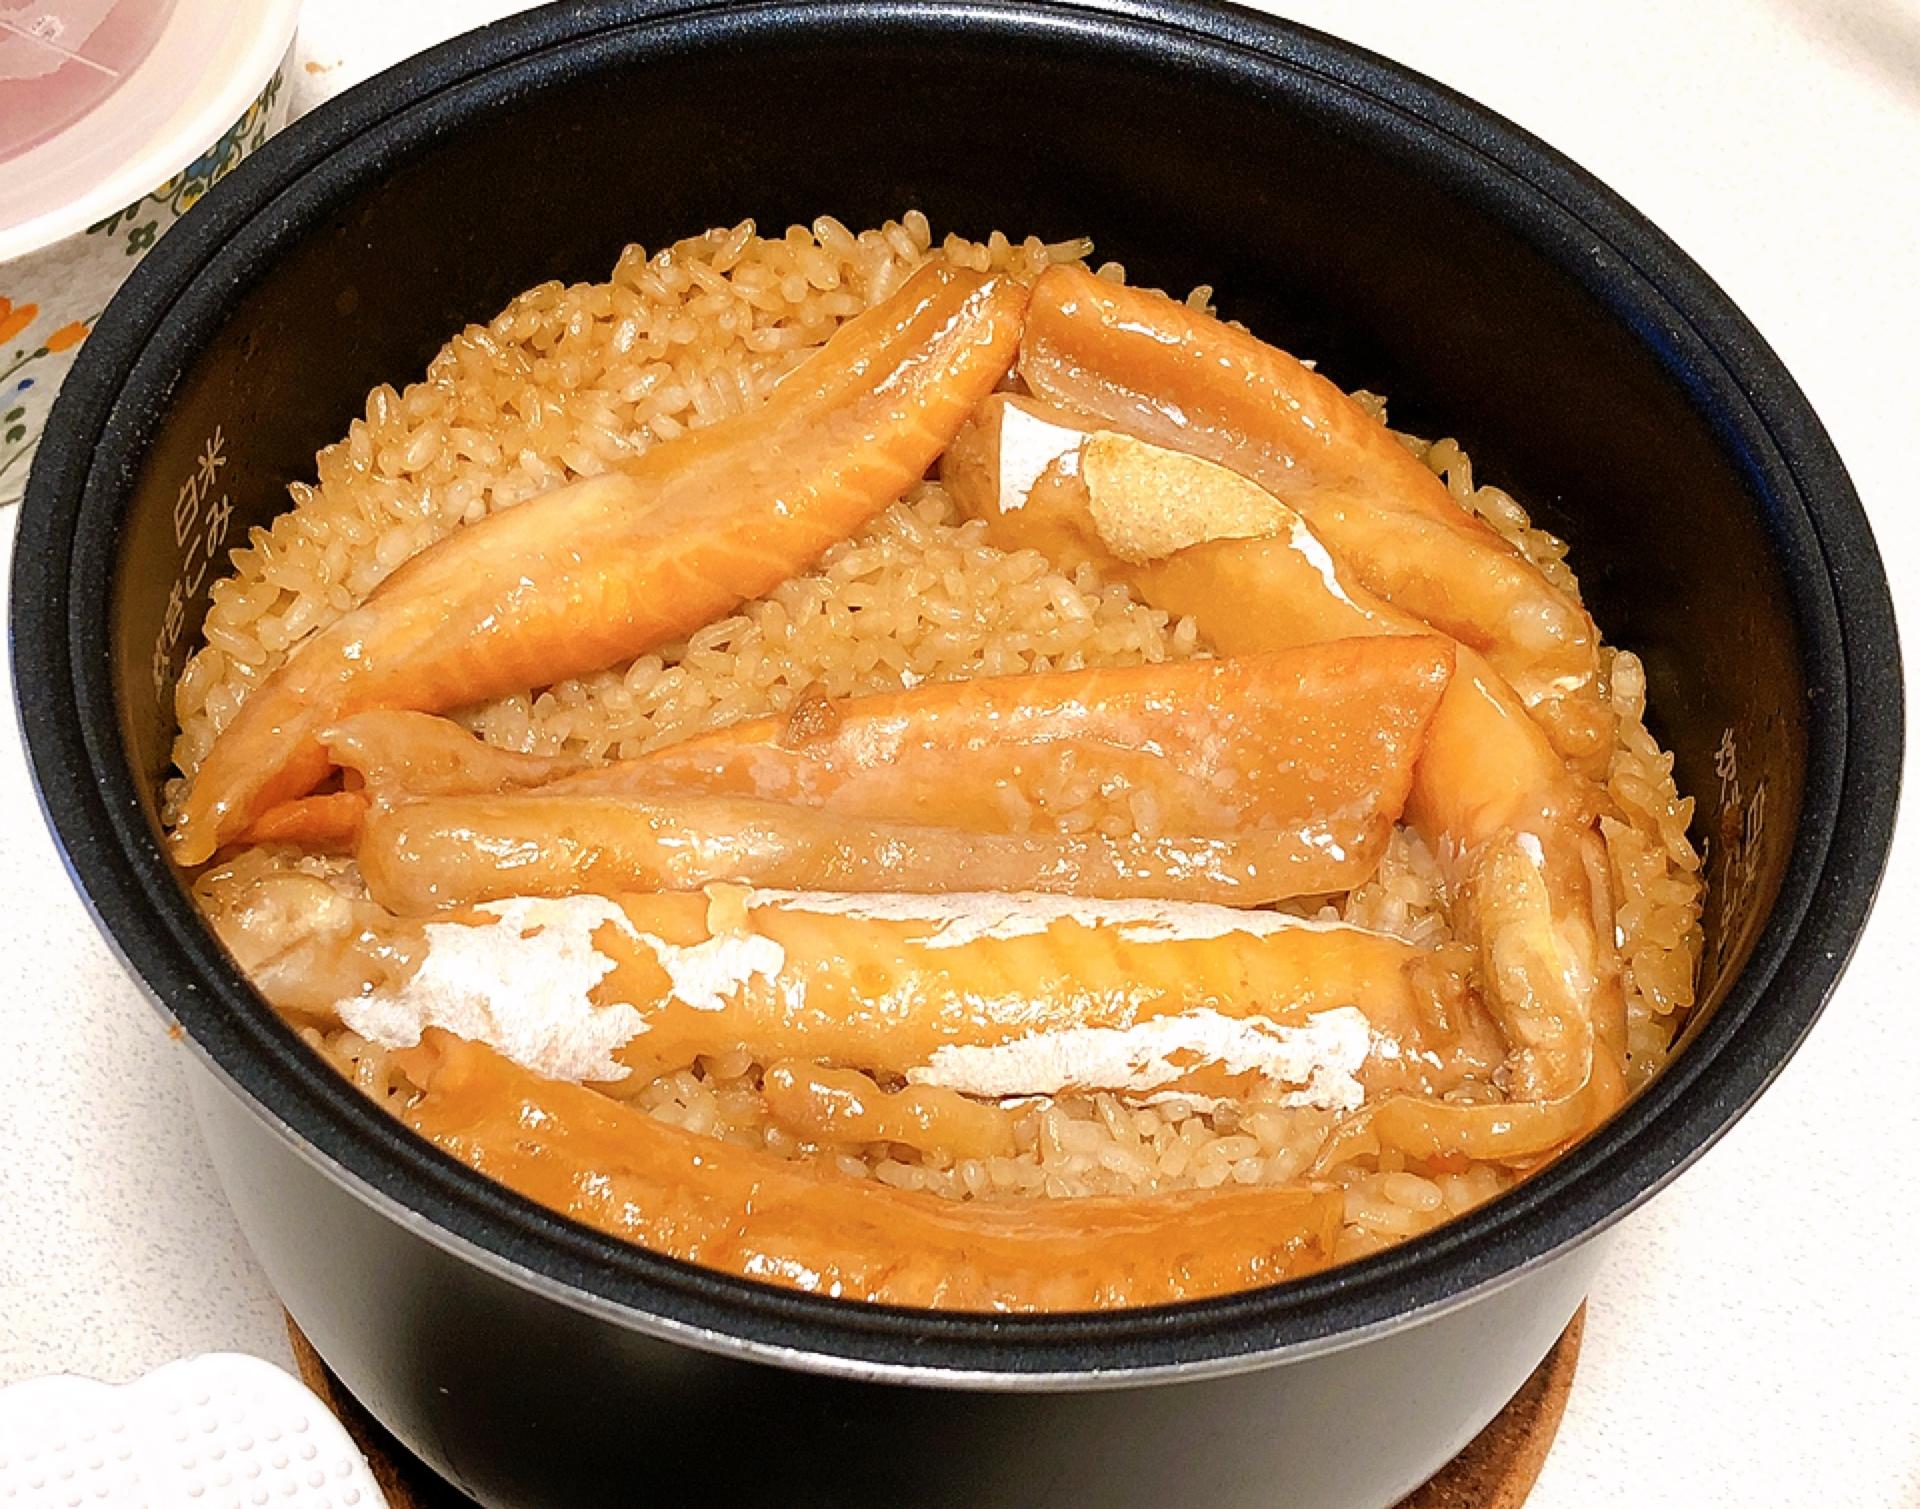 【簡単贅沢レシピ】お家で簡単に♩鮭といくらの親子炊き込みご飯( ´ ▽ ` )_3